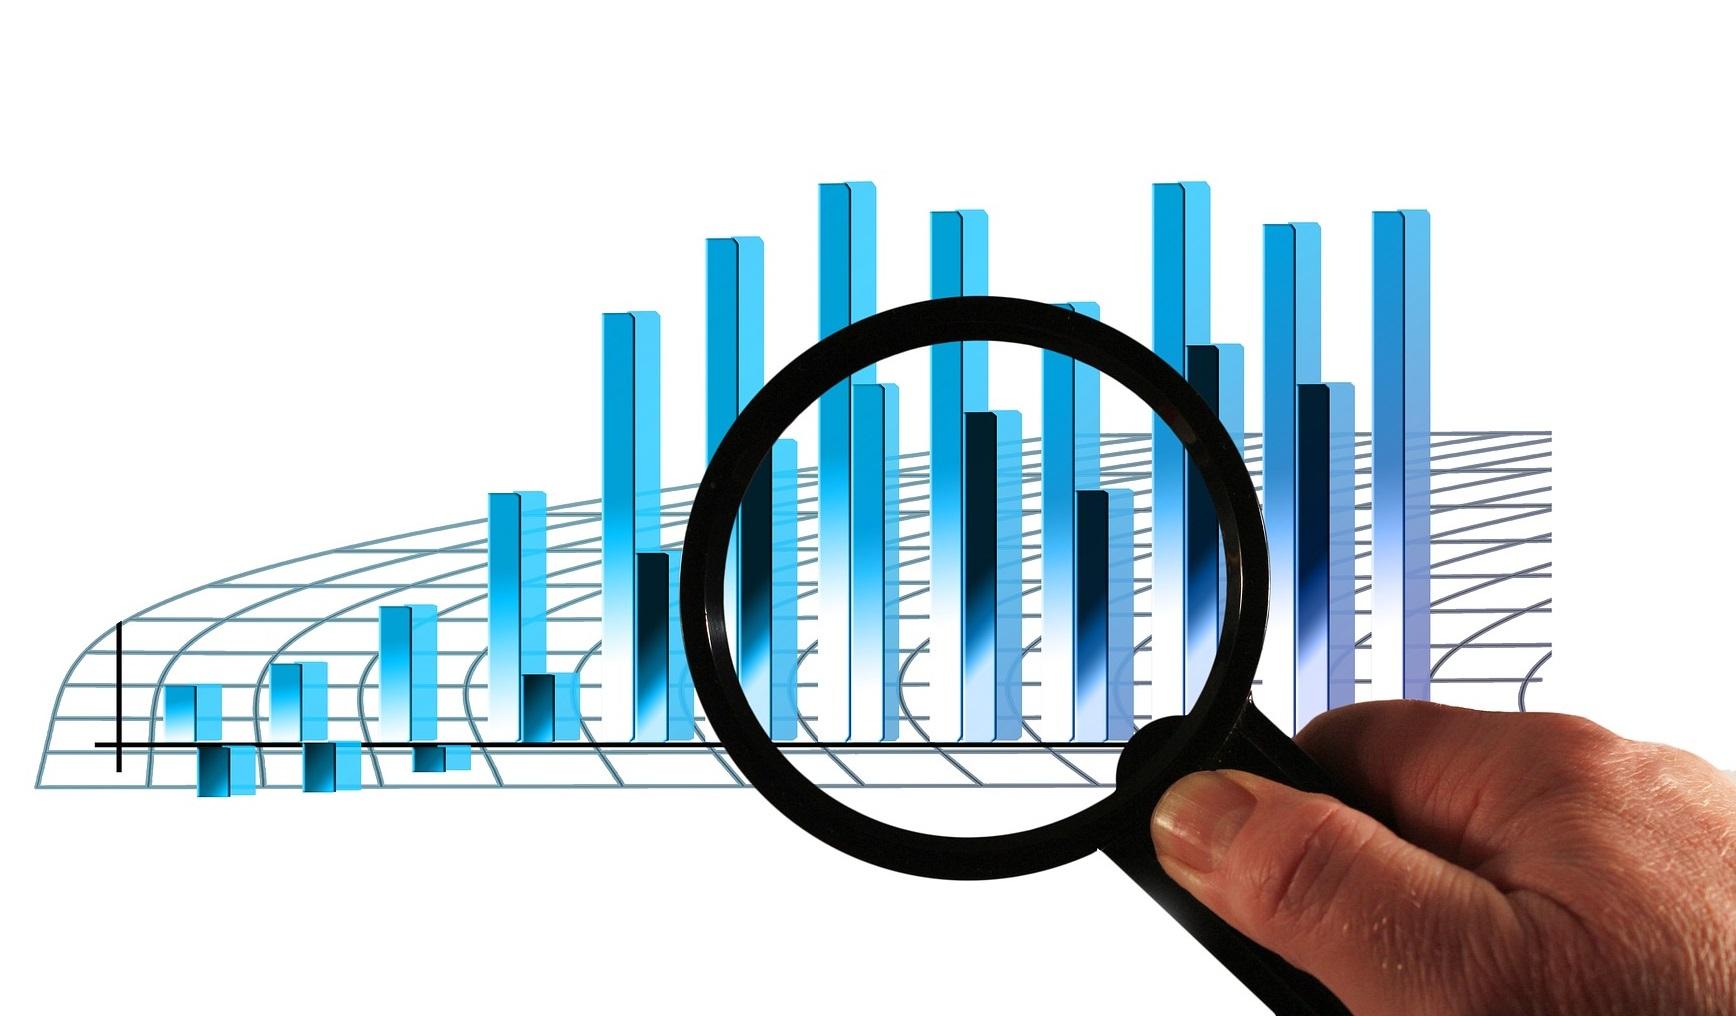 estudio mercado; lloret de mar; fiscal; IRPF; declaración de renta; IVA; impuesto de sociedades; cuentas anuales; libros contables